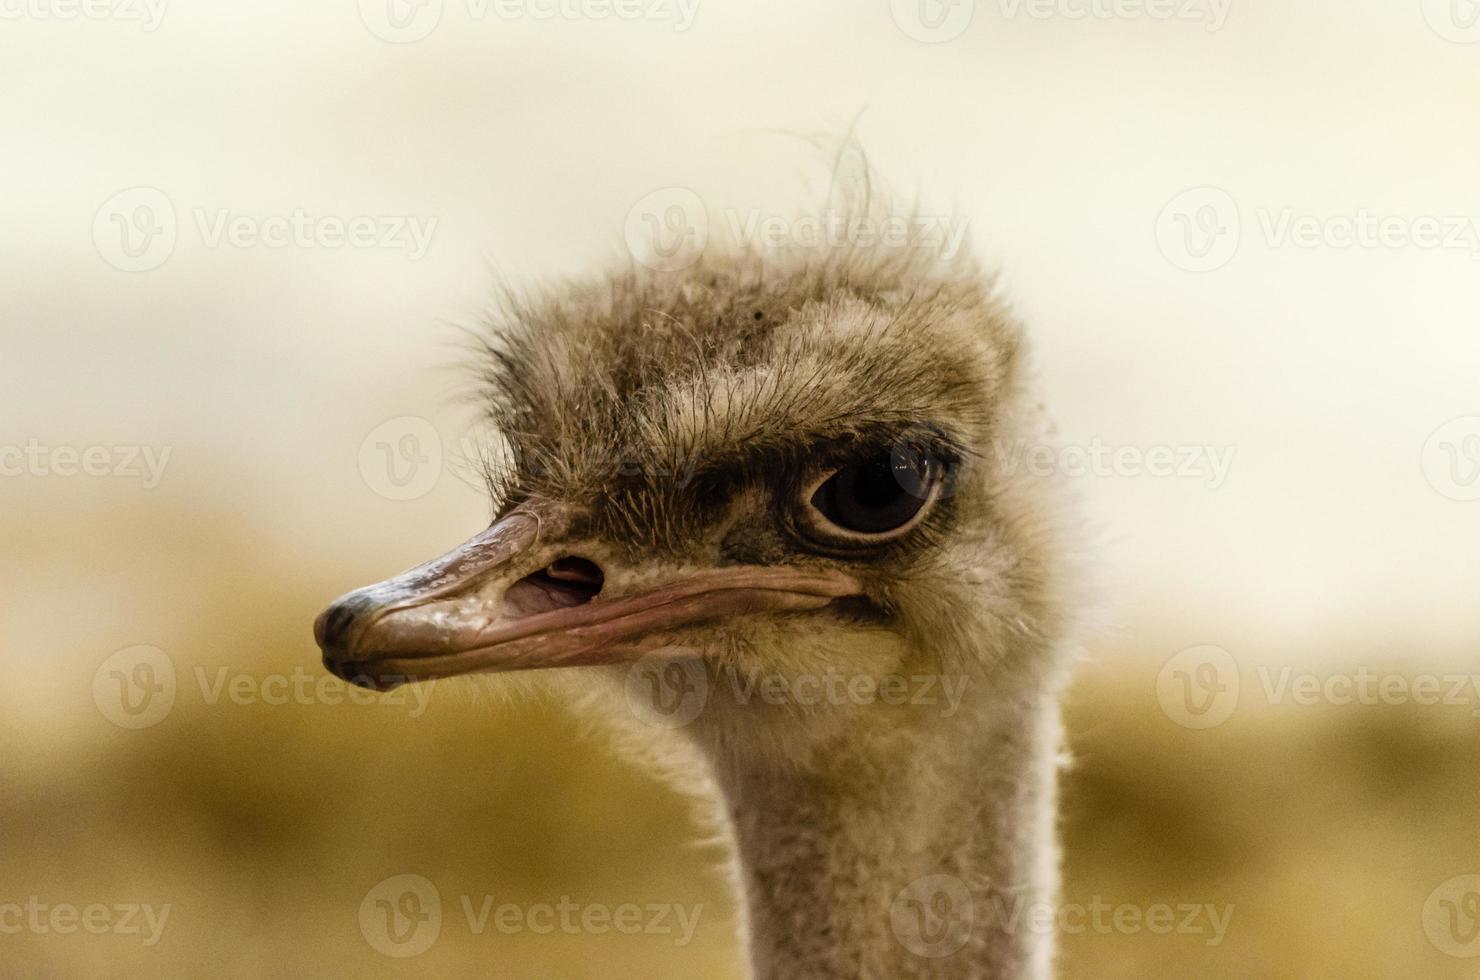 retrato de cabeça de avestruz foto